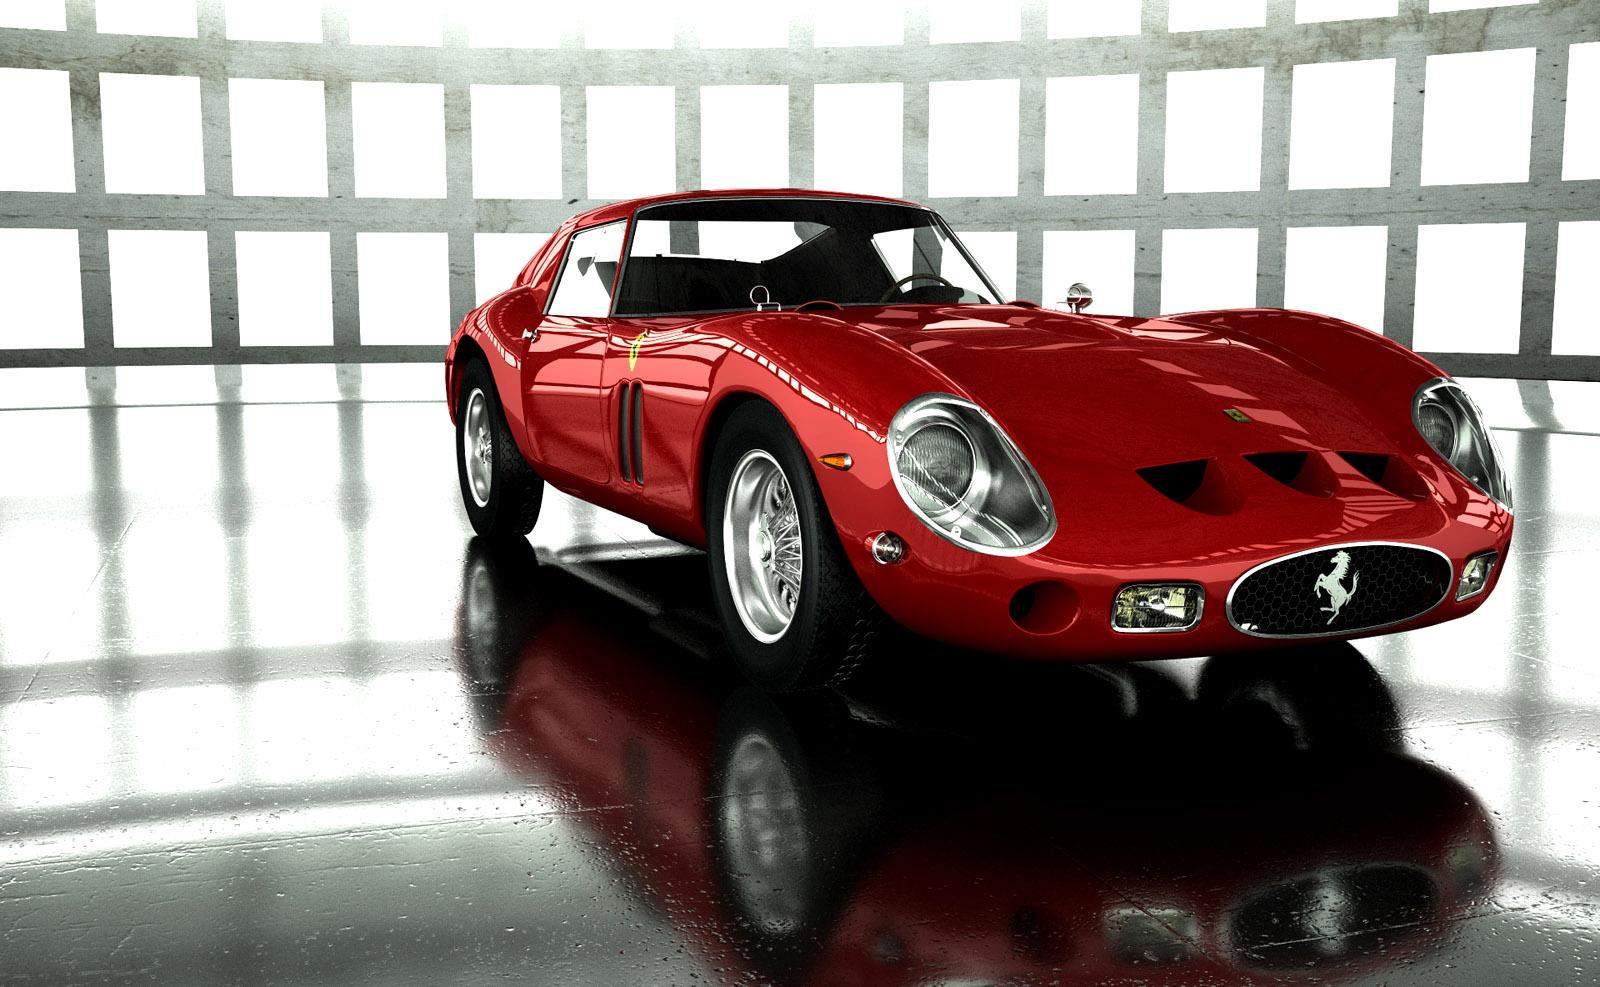 Ferrari 250 GTO Wallpaper 09   [1600x987] 1600x987